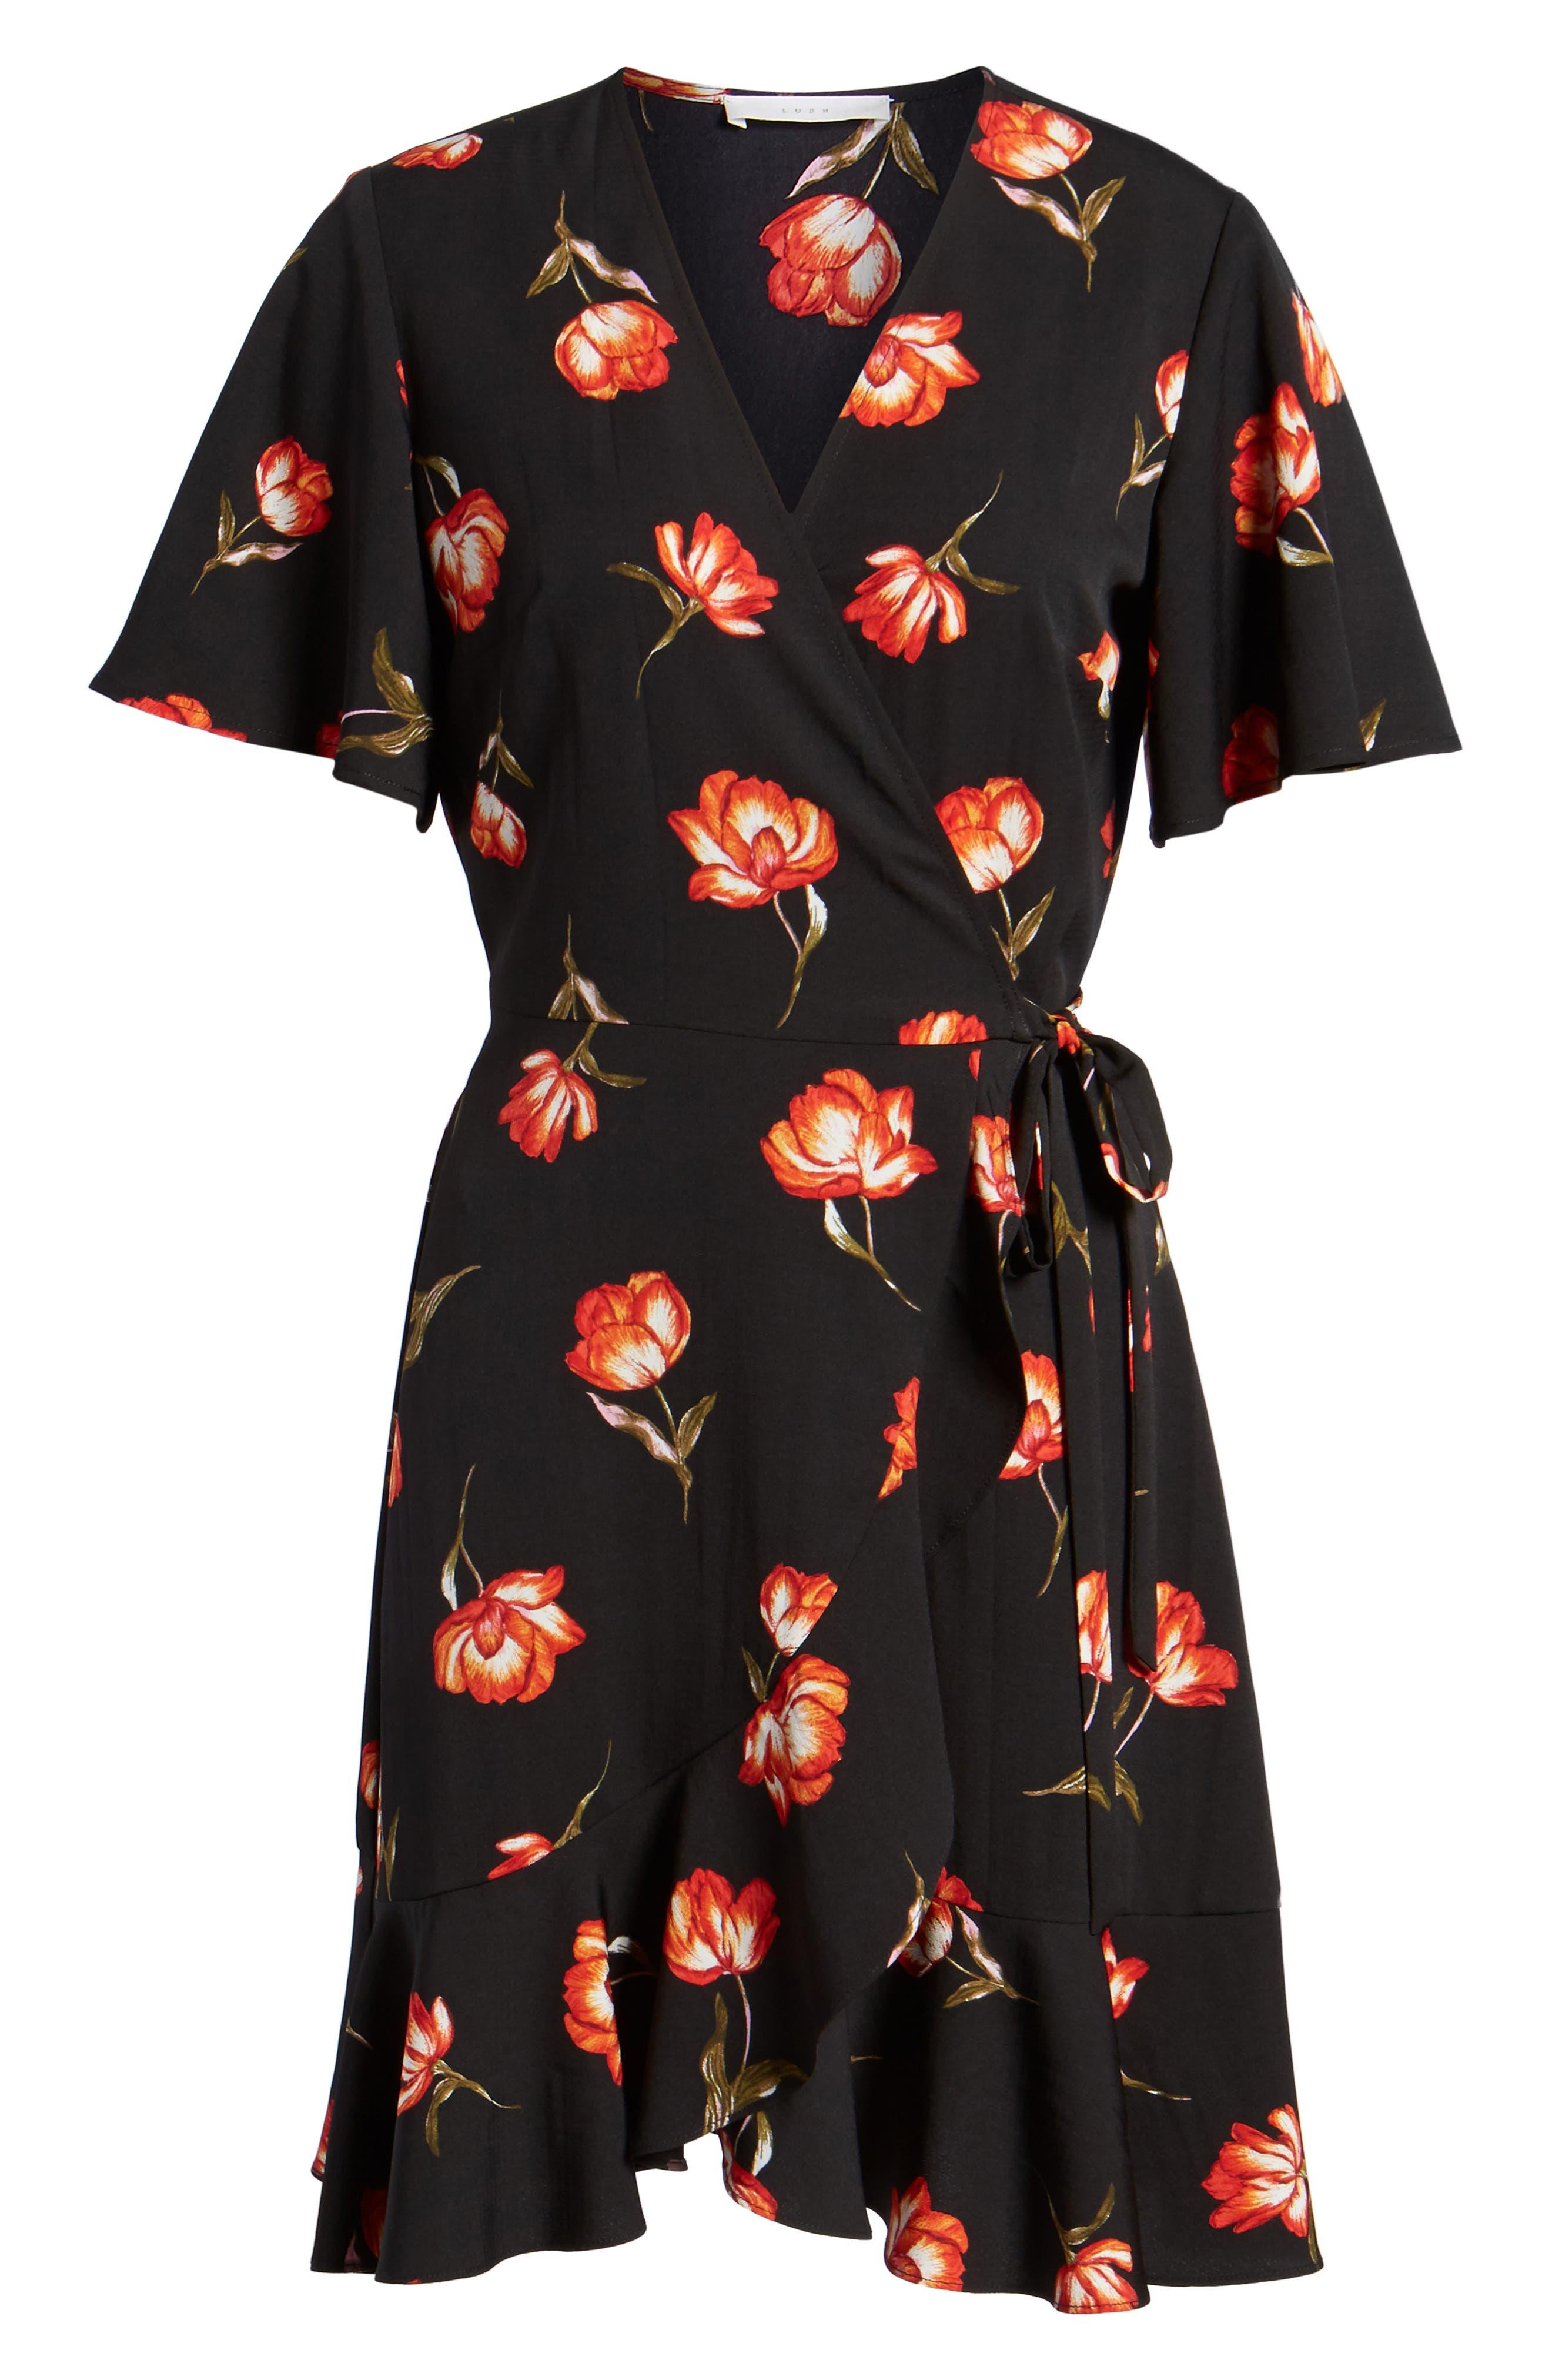 Lucy Floral Wrap Dress,                             Alternate thumbnail 6, color,                             001